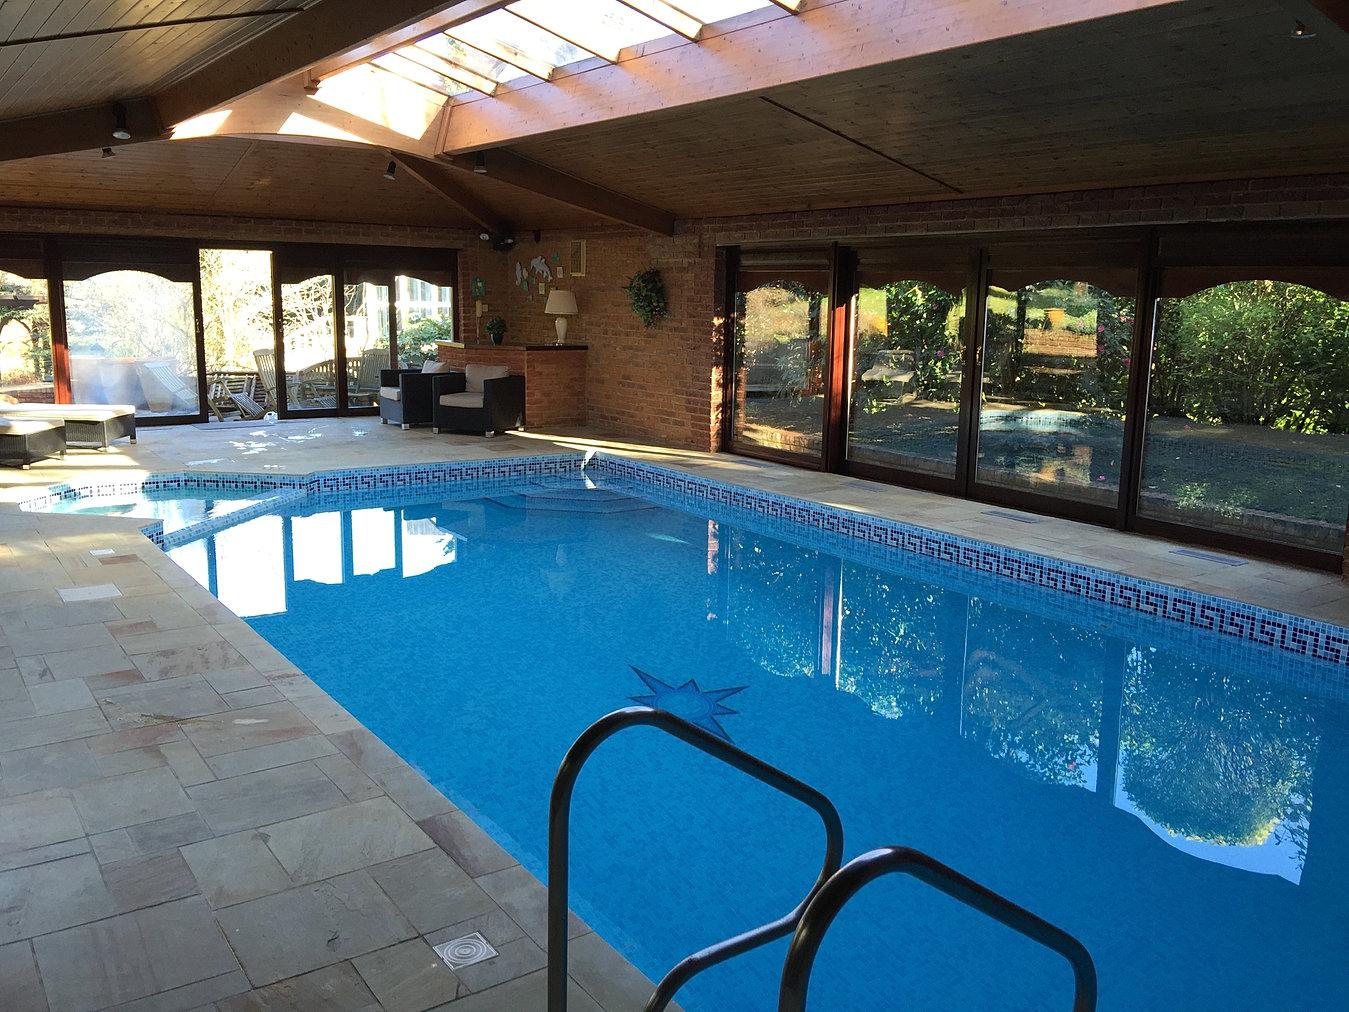 Weybridge Pools Swimming Pool Maintenance Surrey London